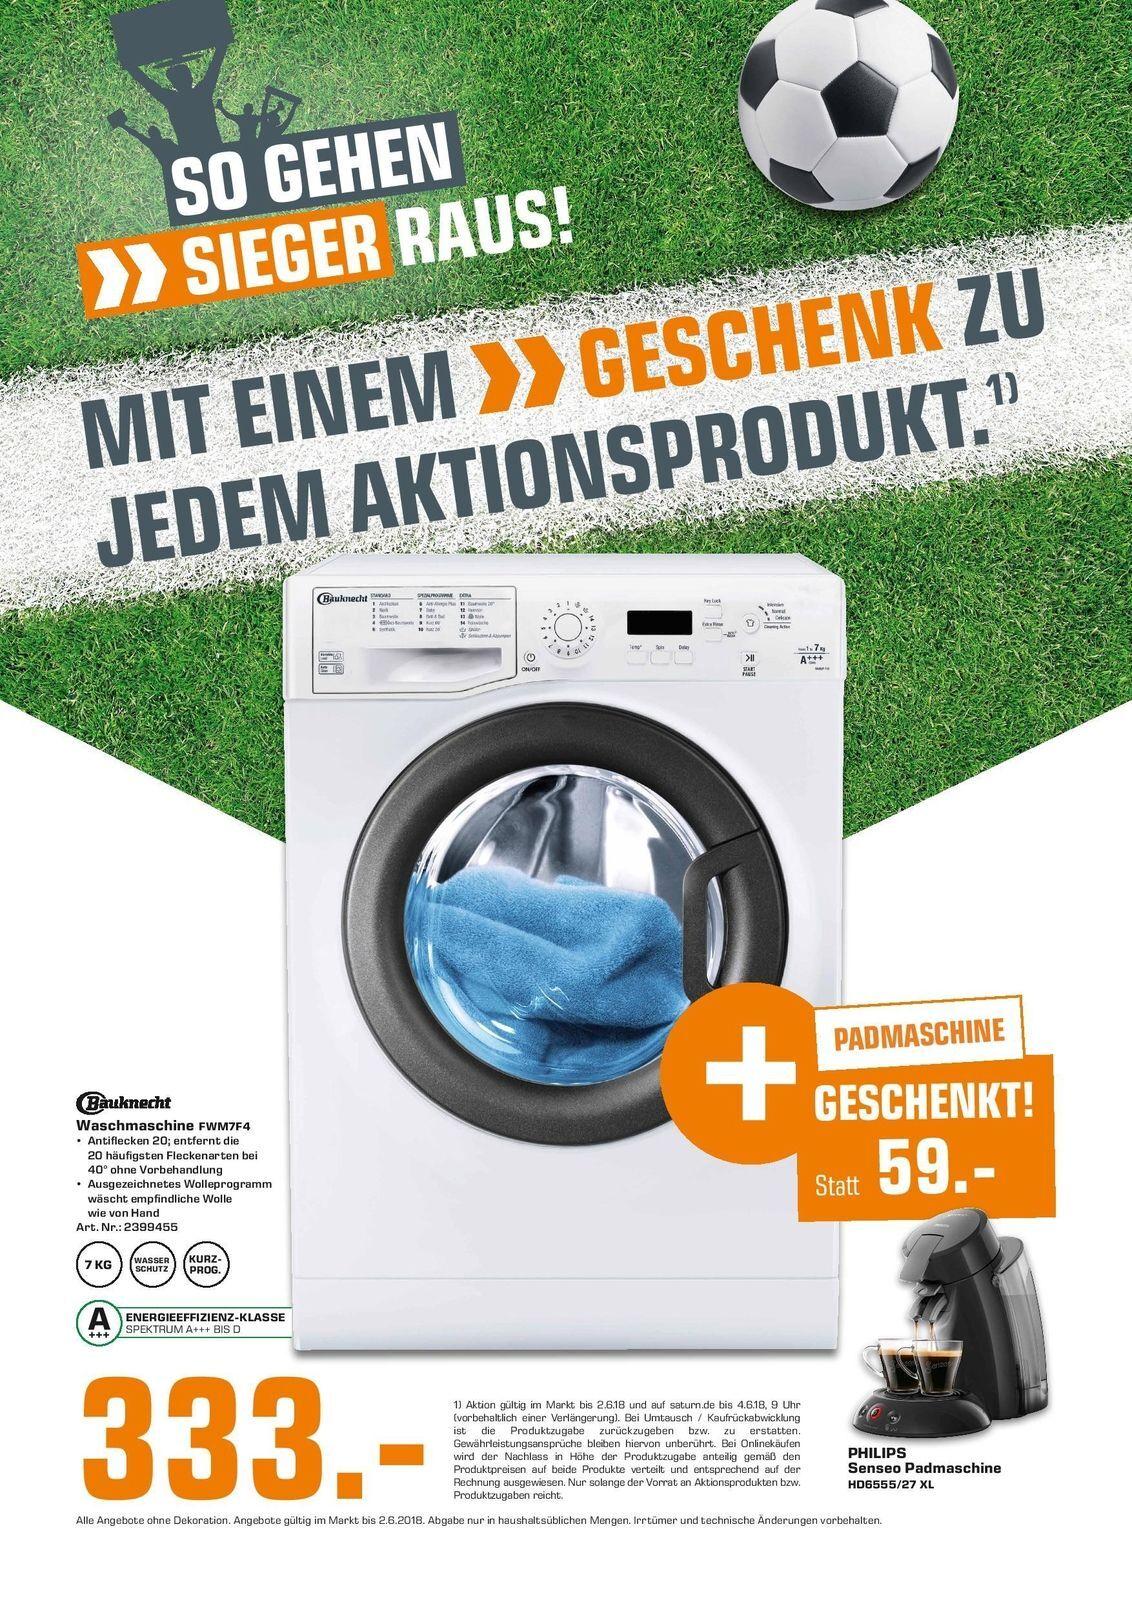 Bauknecht FWM7F4 Waschmaschine 7kg Philips Senseo HD6555 27 XL Kaffeemaschine